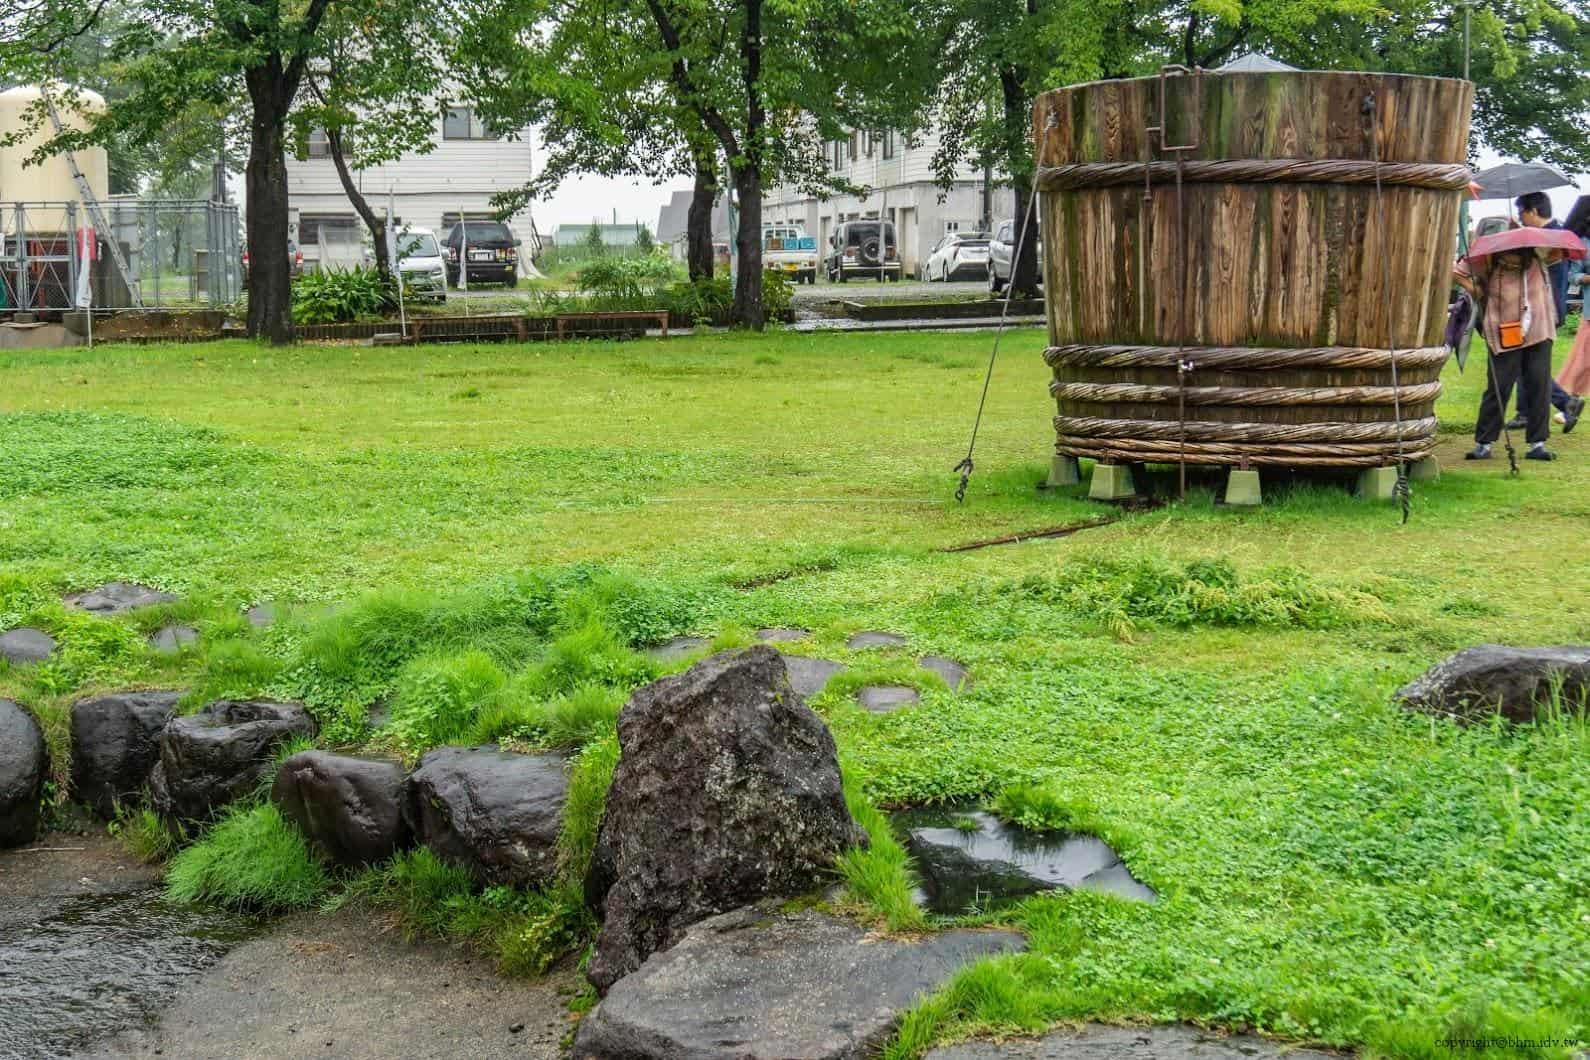 田口行弘,送水,戶外裝置藝術部分則製作了巨大木桶,透過自然接水方式與管路導引,將接到的水引流至旁水道中 越後妻有 送水 okurimizu 03